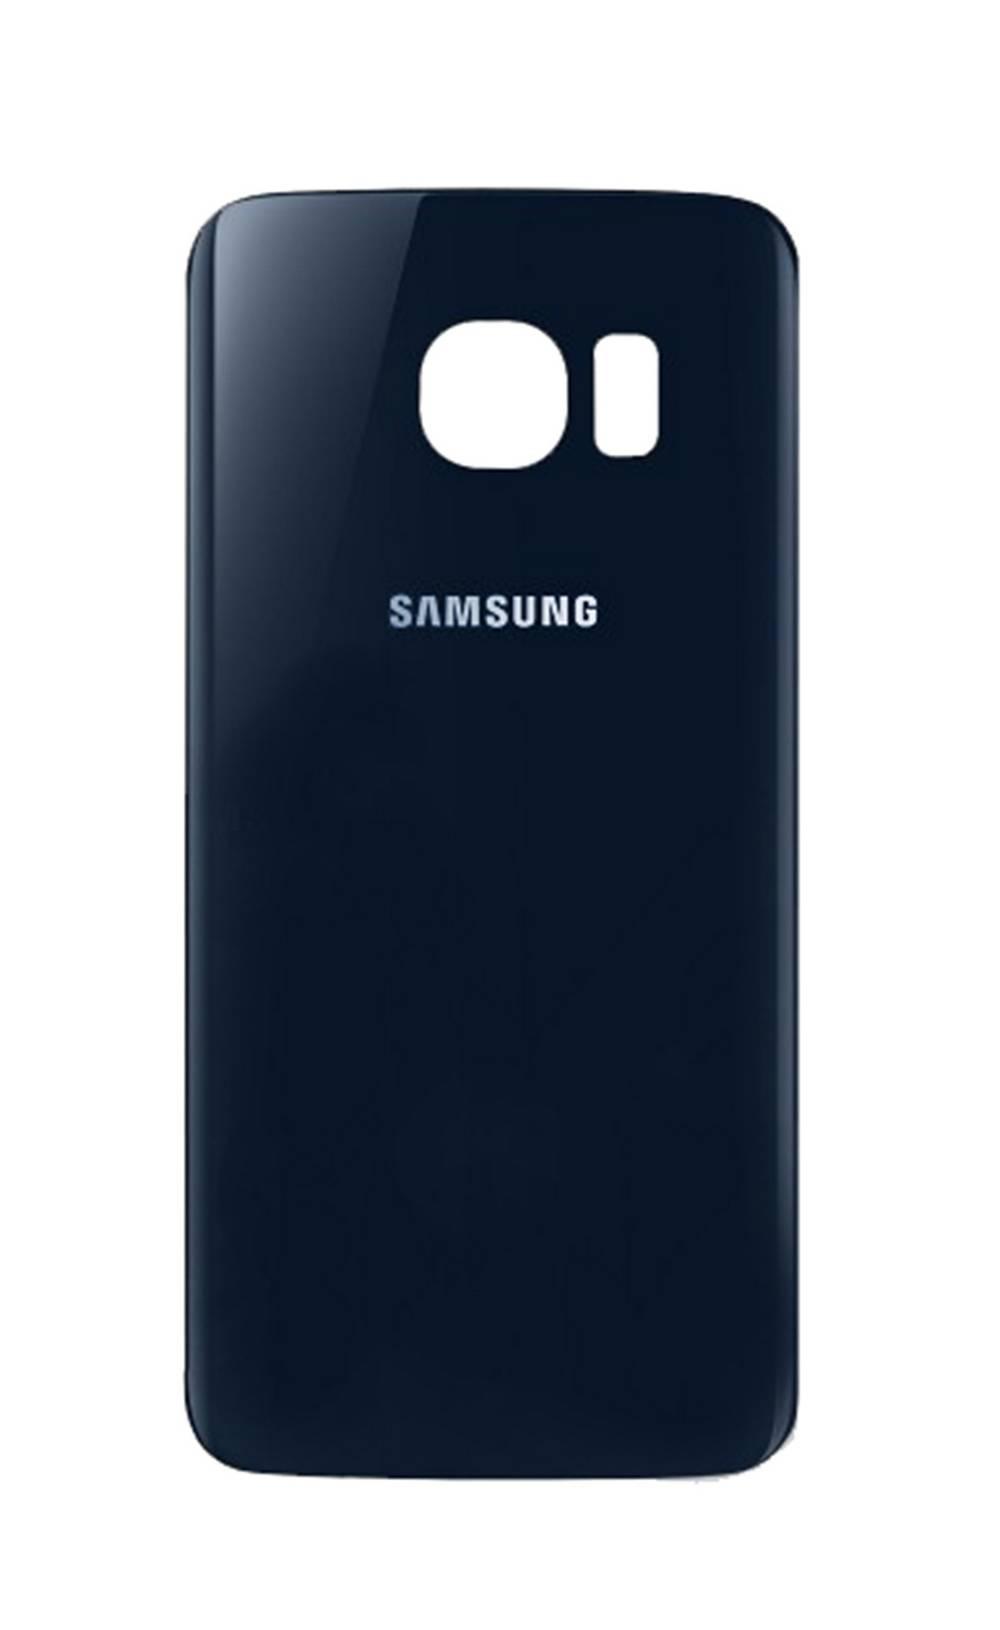 Καπάκι Μπαταρίας Samsung SM-G925F Galaxy S6 Edge Μαύρο Original GH82-09602A